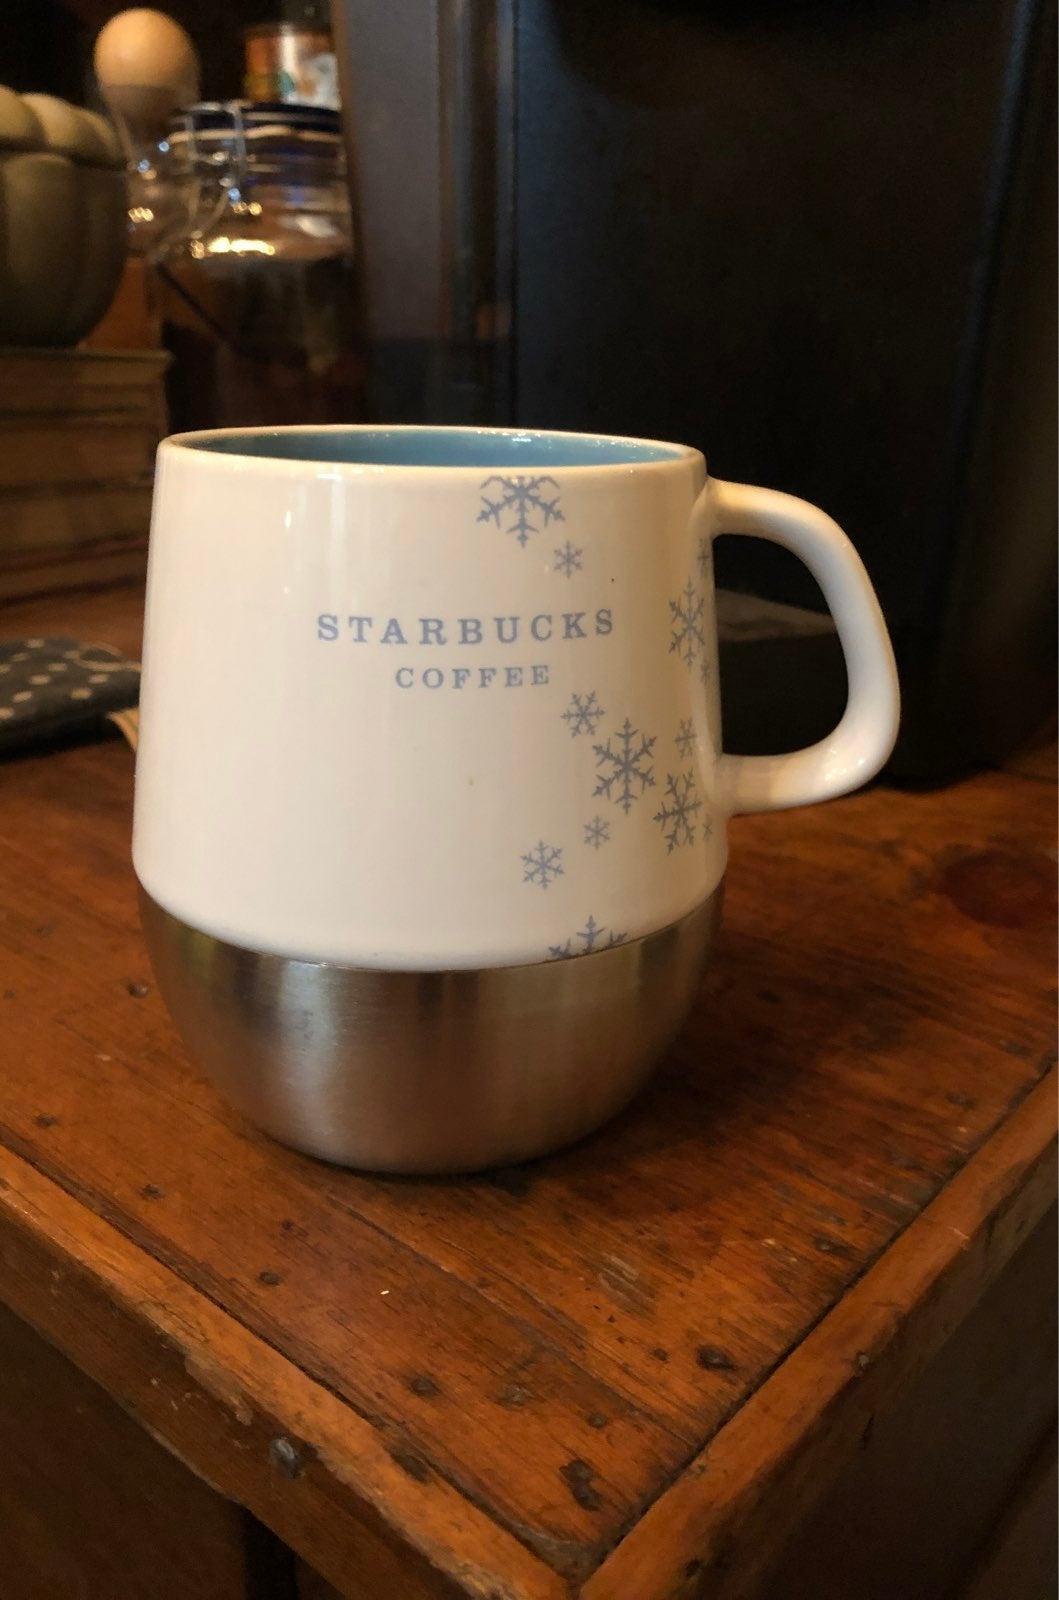 Holiday 2007 Starbucks Coffee Cup Mug